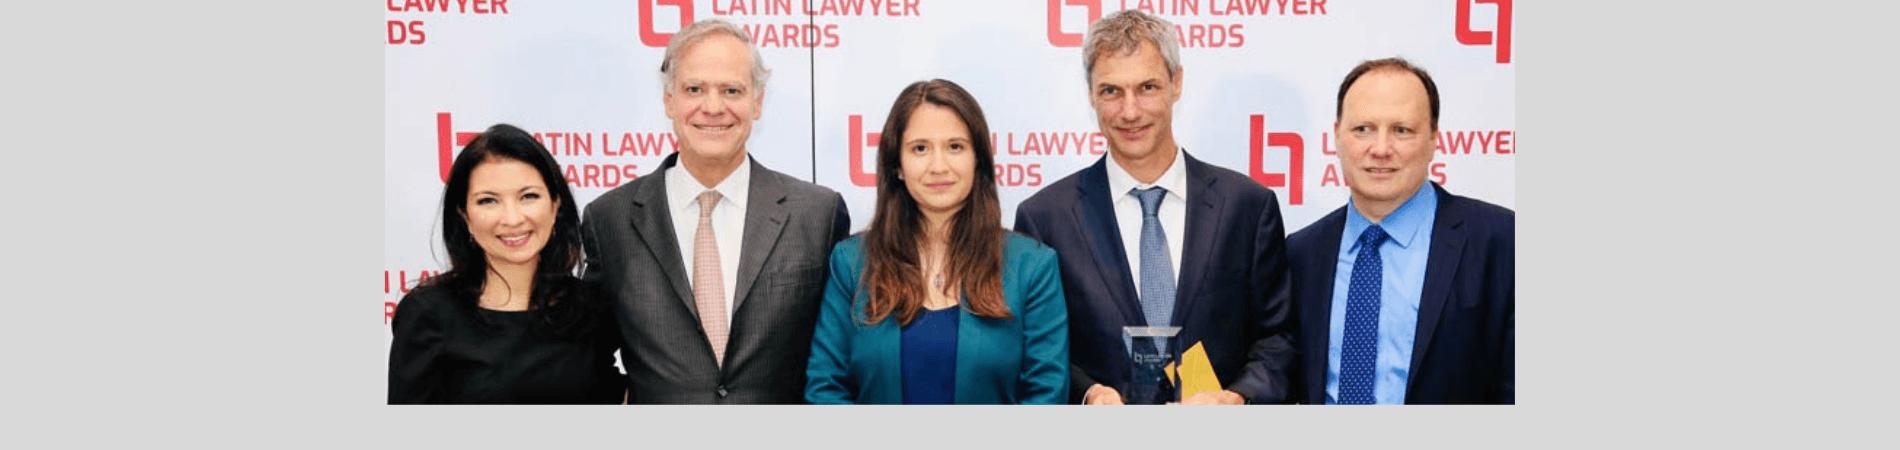 El proyecto Cerro Dominador ganó su categoría en la premiación de Deal of the Year de Latin Lawyer